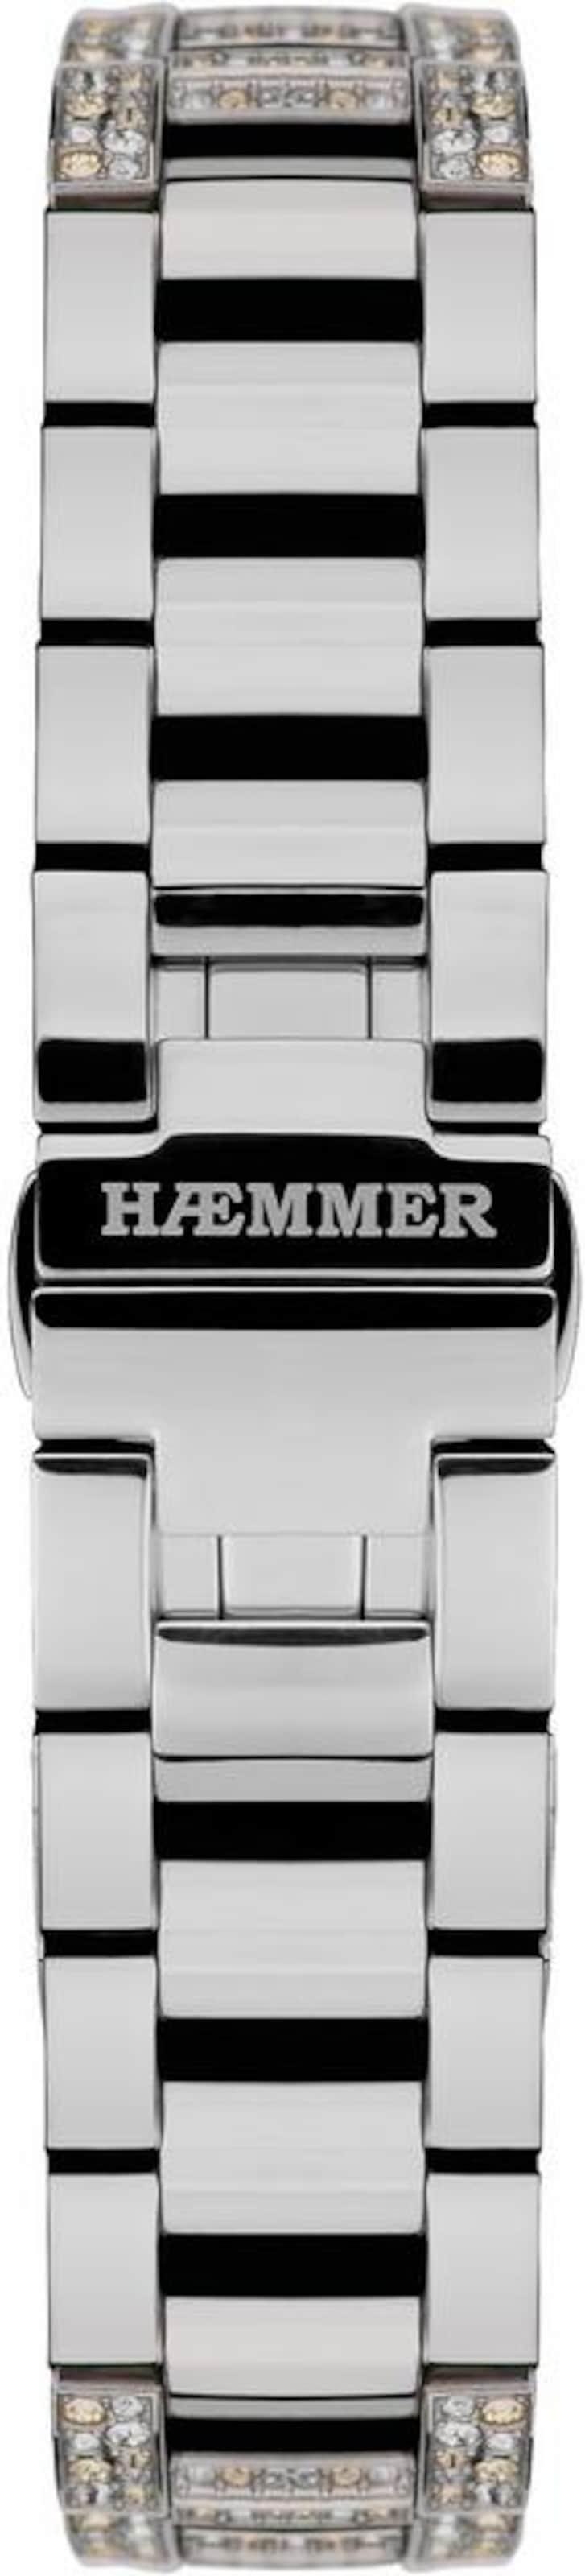 Heißen Verkauf Online Kaufen Billig Zu Kaufen HAEMMER Chronograph 'U-200' Billig Verkauf Erstaunlicher Preis Factory Outlet Günstig Online Lpj1zTTu